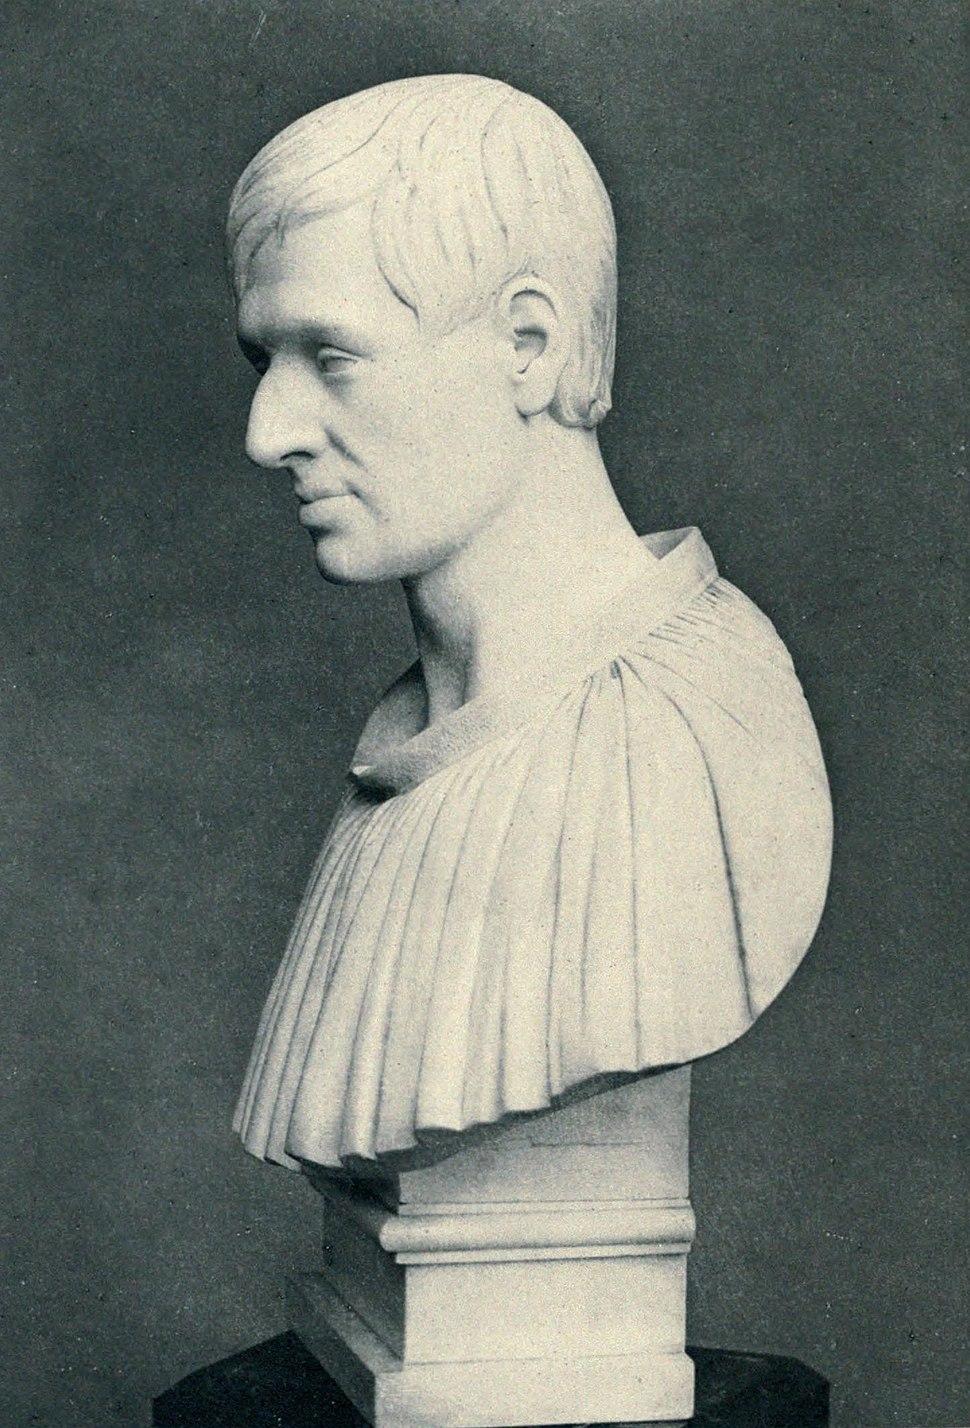 Bust of John Henry Newman